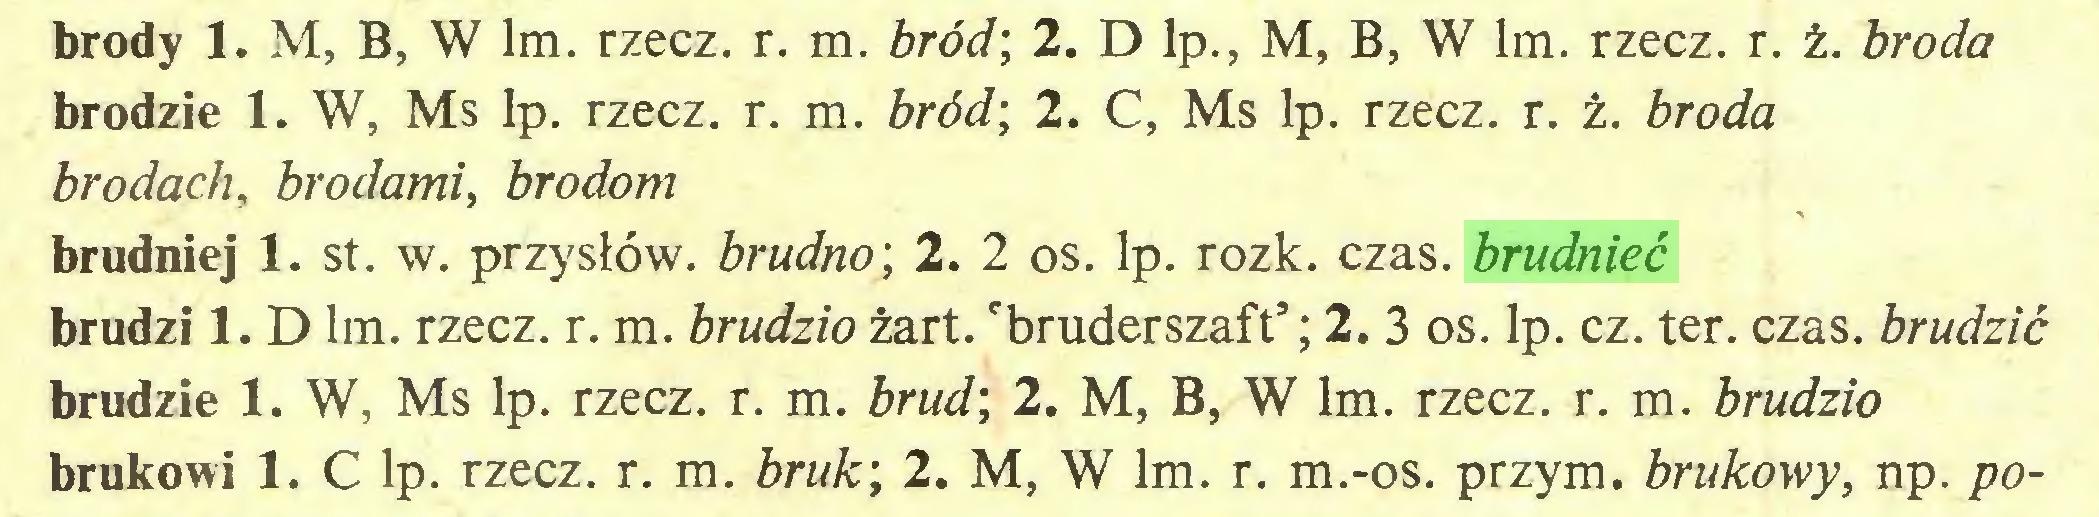 (...) brody 1. M, B, W lm. rzecz. r. m. bród; 2. D lp., M, B, W lm. rzecz. r. ż. broda brodzie 1. W, Ms lp. rzecz. r. m. bród; 2. C, Ms lp. rzecz. r. ż. broda brodach, brodami, brodom brudniej 1. st. w. przysłów, brudno; 2. 2 os. lp. rozk. czas. brudnieć brudzi 1. D lm. rzecz. r. m. brudziożart. 'bruderszaft*; 2. 3 os. lp. cz. ter. czas. brudzić brudzie 1. W, Ms lp. rzecz. r. m. brud; 2. M, B, W lm. rzecz. r. m. brudzio brukowi 1. C lp. rzecz. r. m. bruk; 2. M, W lm. r. m.-os. przym. brukowy, np. po...